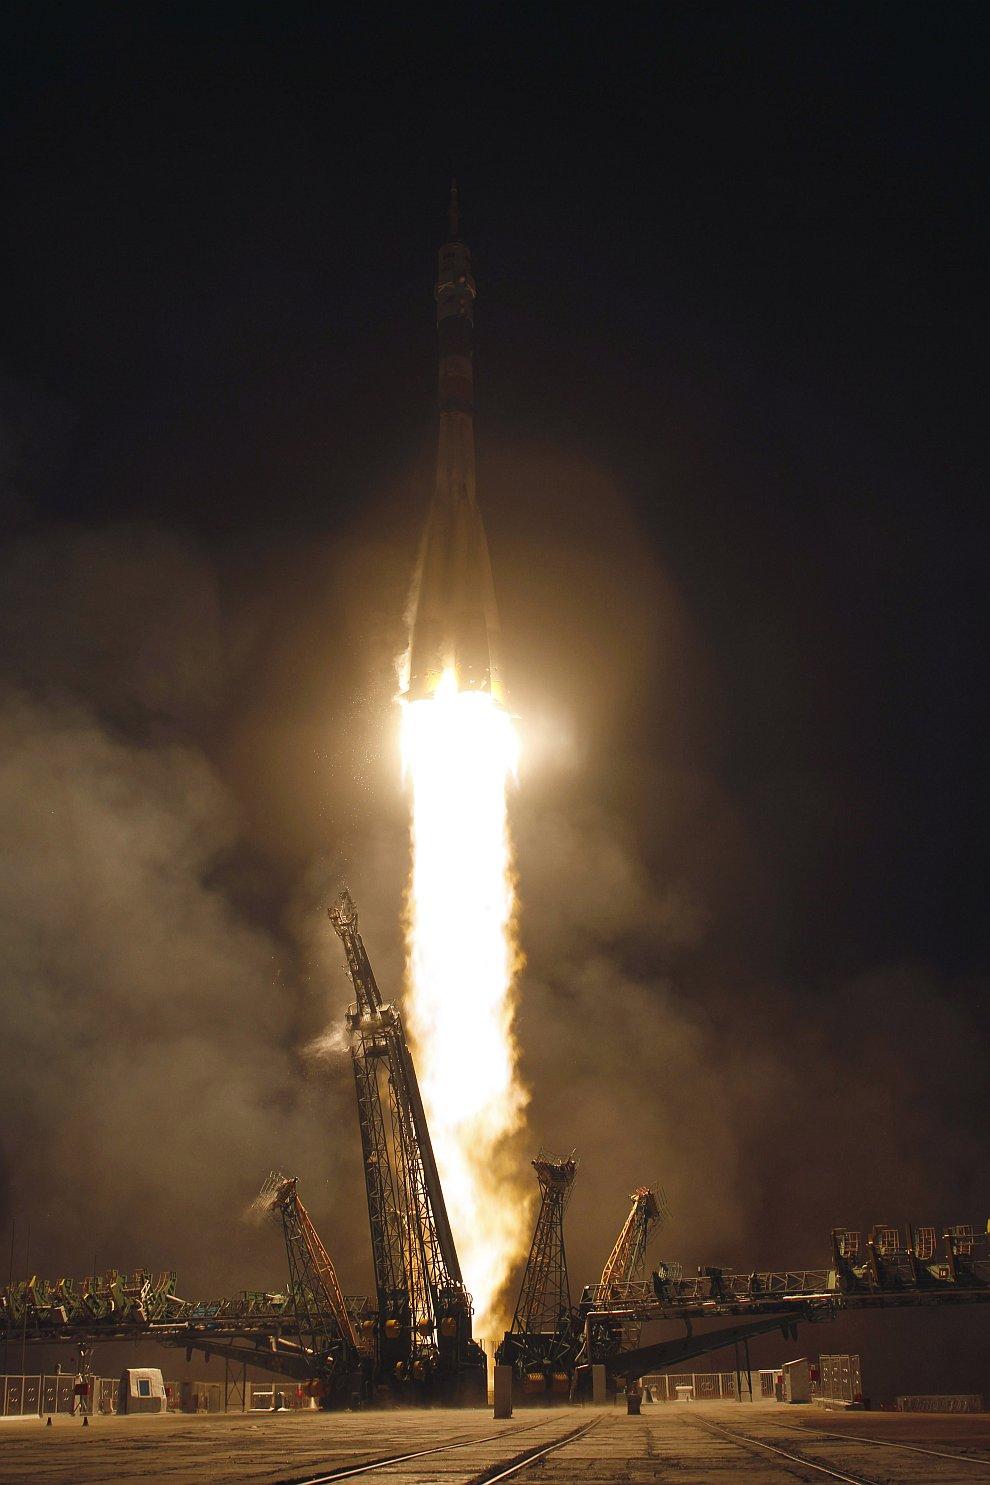 Союз ТМА-20